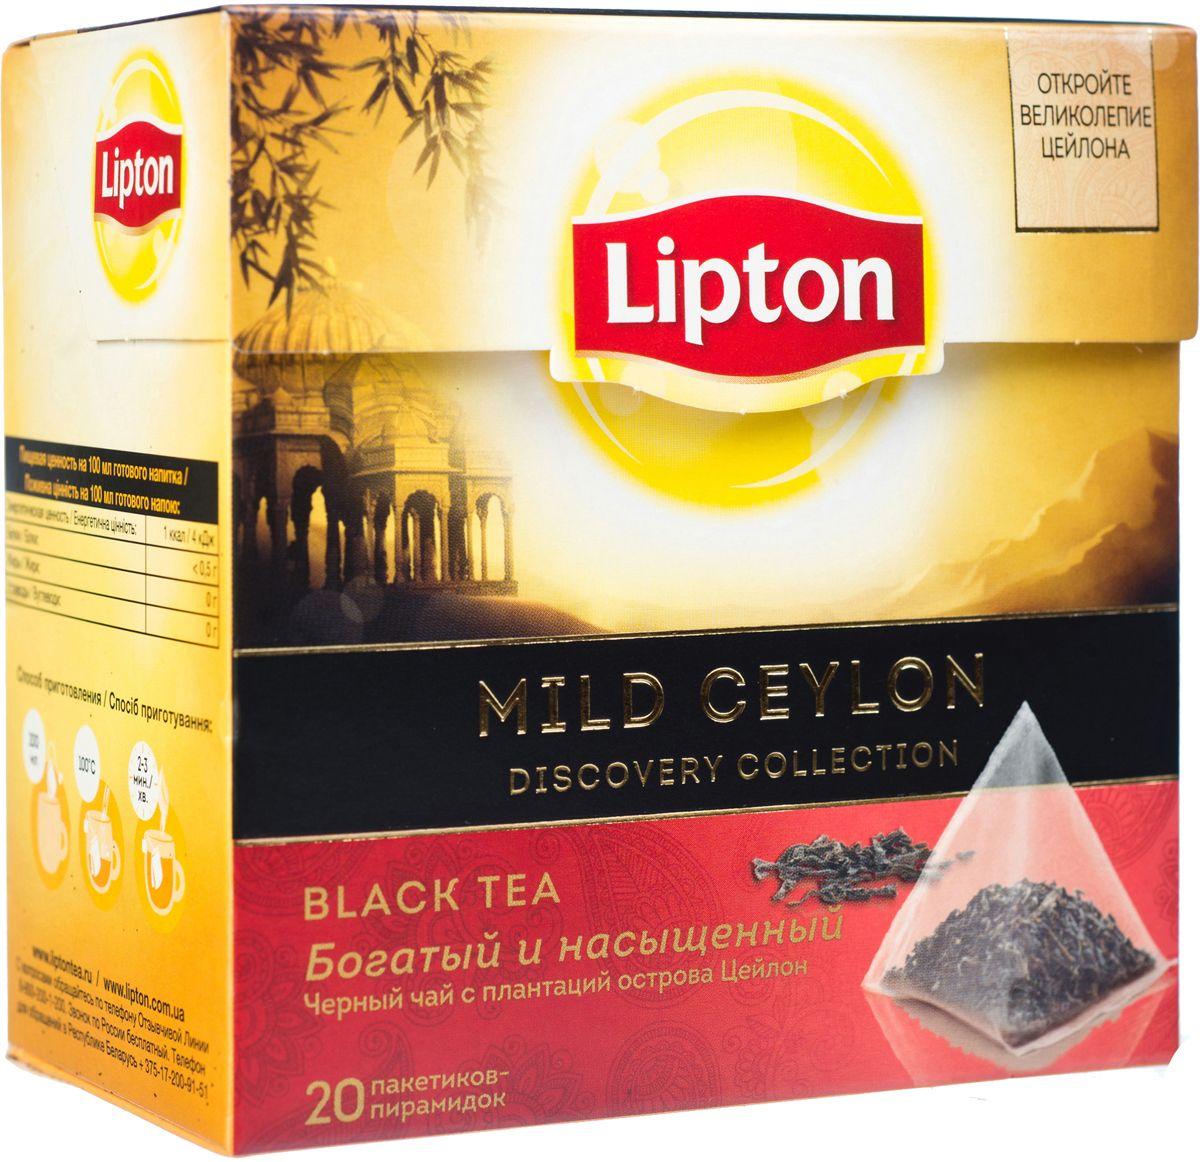 Lipton Черный чай Mild Ceylon 20 шт20204431/17245803/1724580Lipton Mild Ceylon - черный чай в пакетиках с плантаций острова Цейлон. Он прекрасно сочетает в себе два важных качества, за которые мы и ценим чай - крепость и насыщенный аромат в обрамлении мягкого вкуса.Ощутите великолепие долин и уединенных чайных плантаций острова Цейлон, на которых выращивают легендарный цейлонский черный чай.